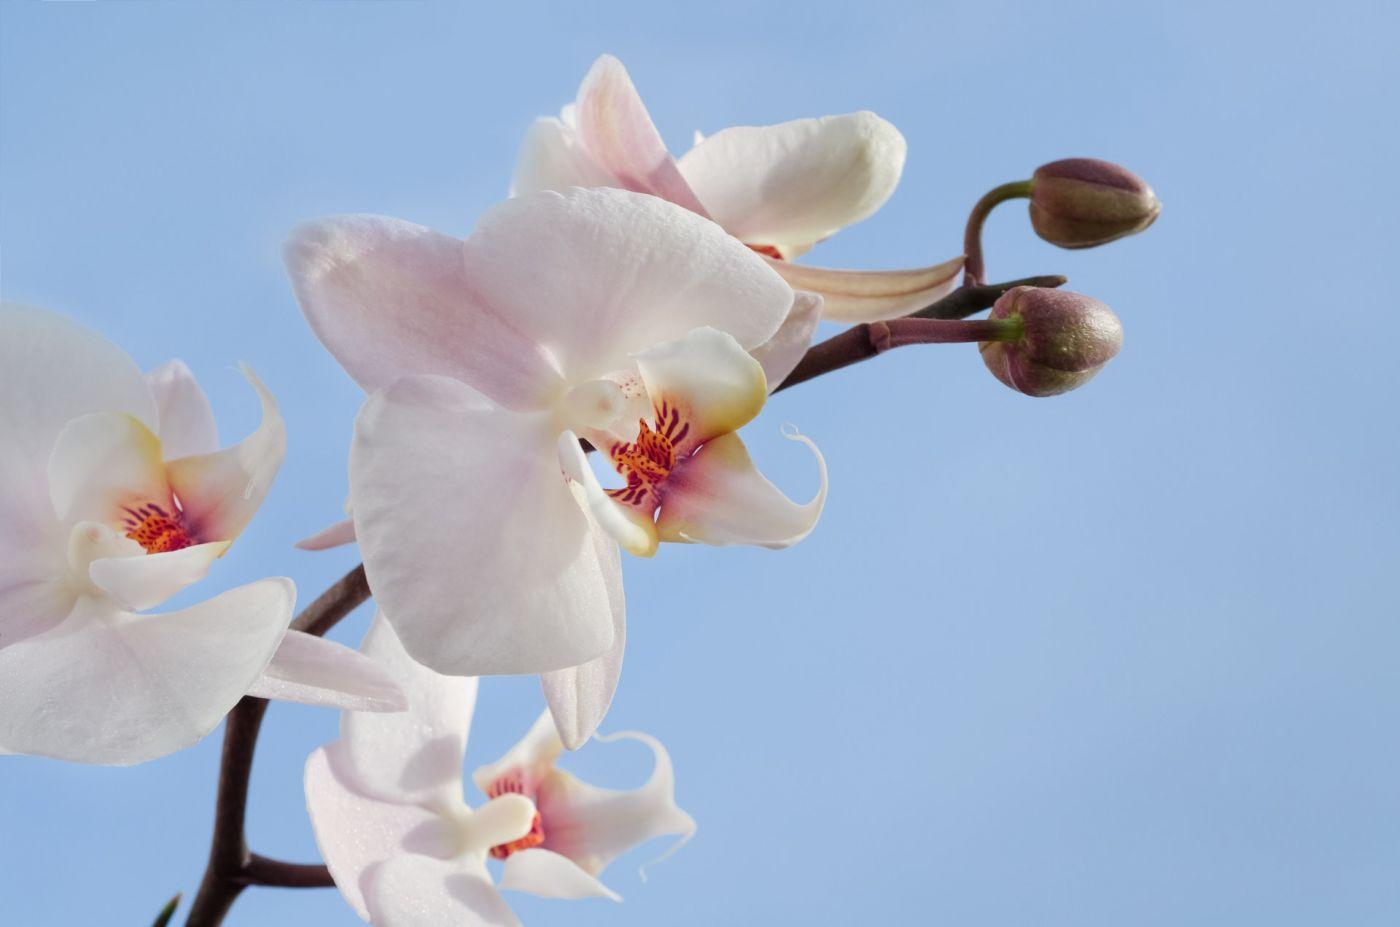 Comment faire pousser des orchidées [Guide pratique]